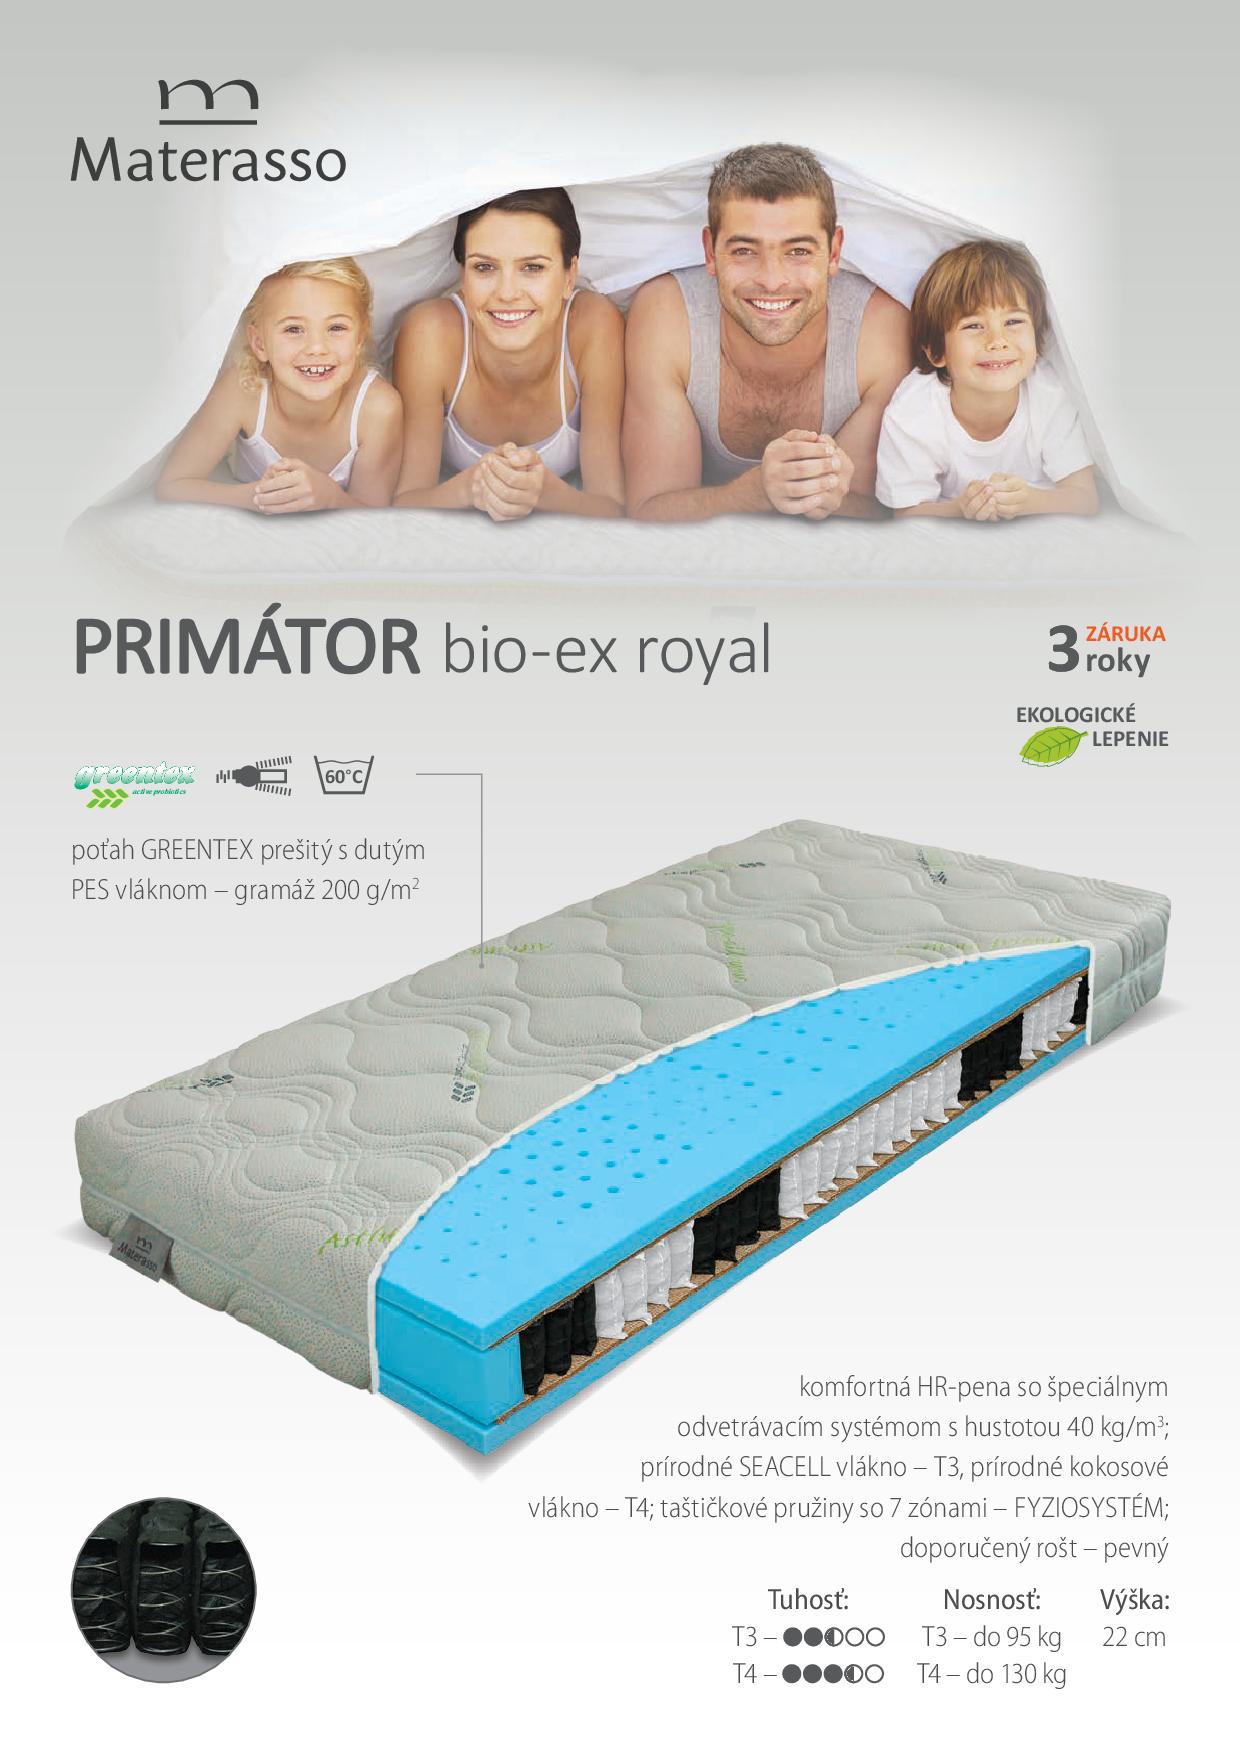 Primátor bio ex royal